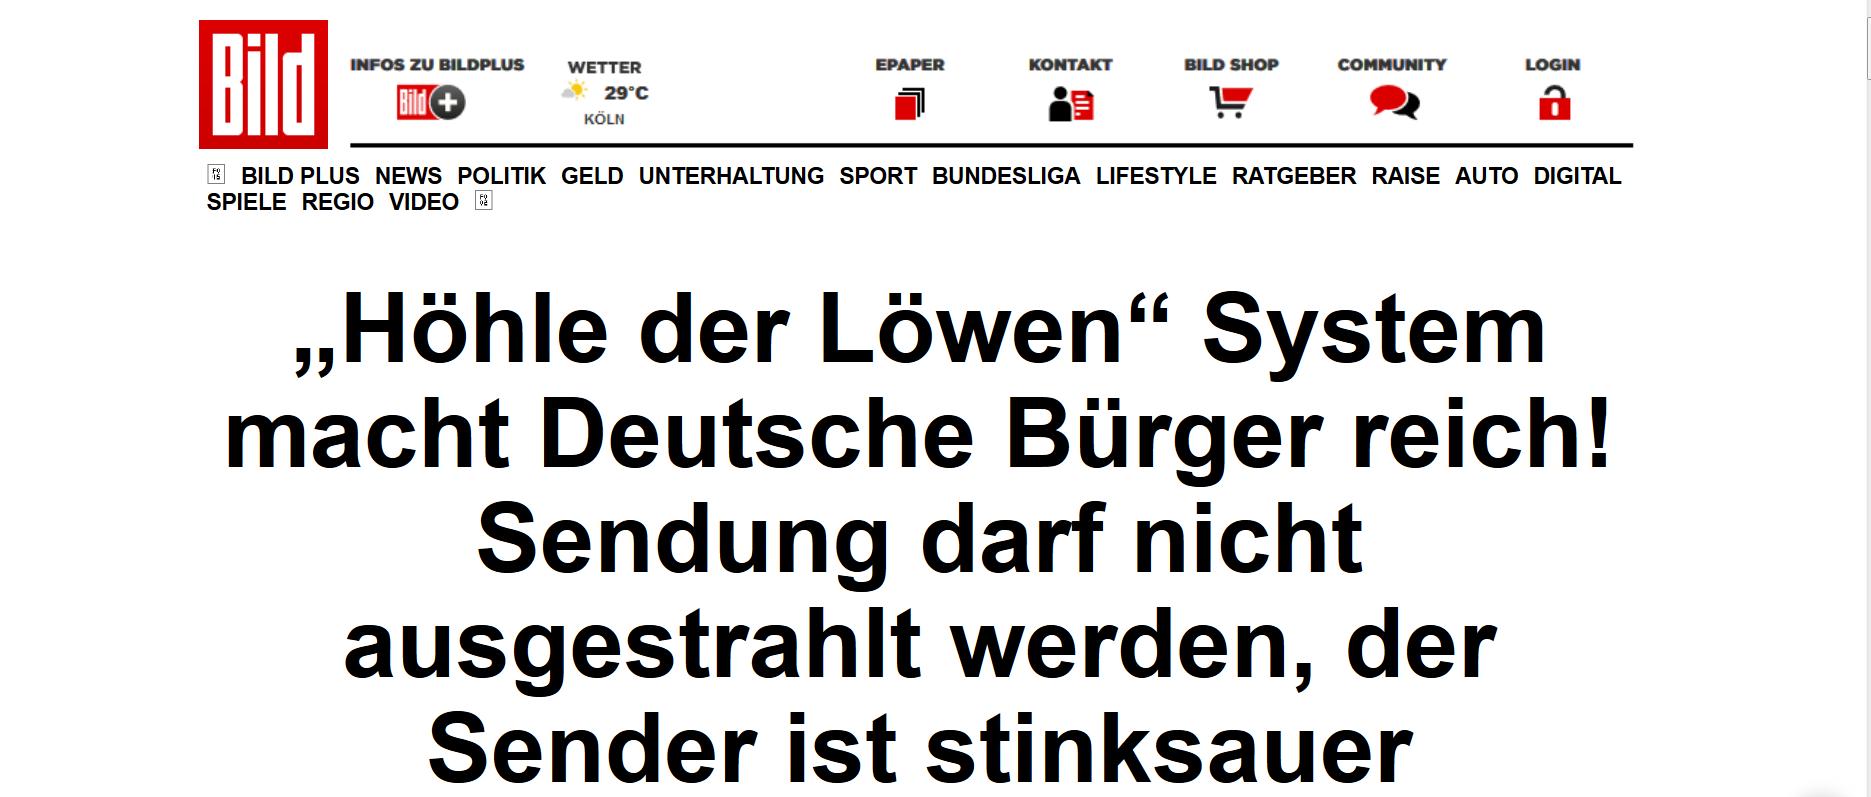 Höhle der löwen system macht deutsche bürger reich